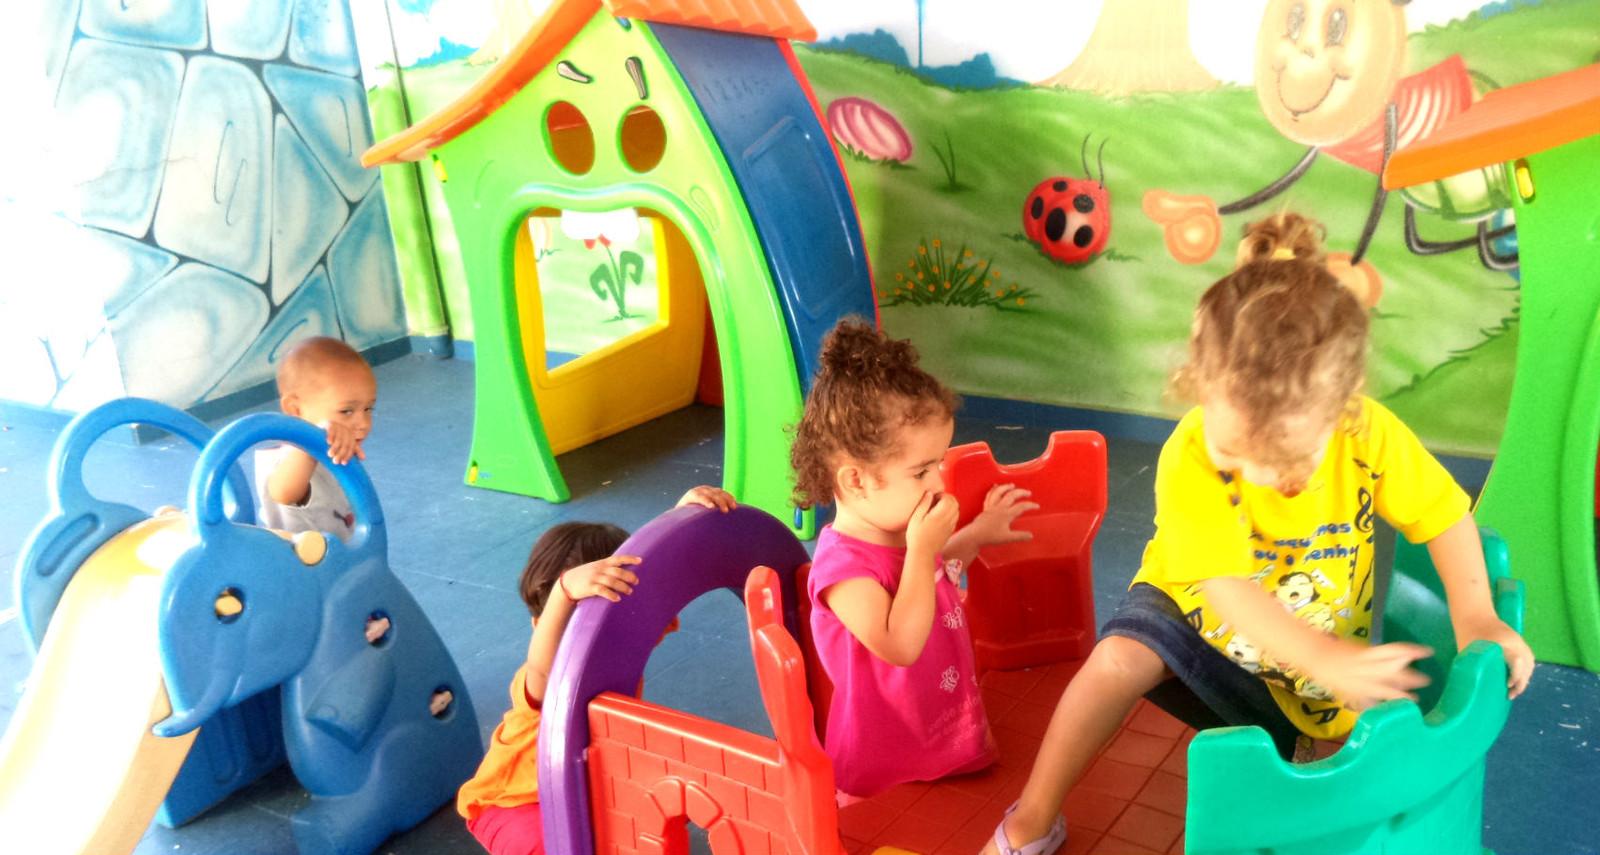 Crianças Se Divertindo No Parque: Crianças Se Divertindo No Parquinho